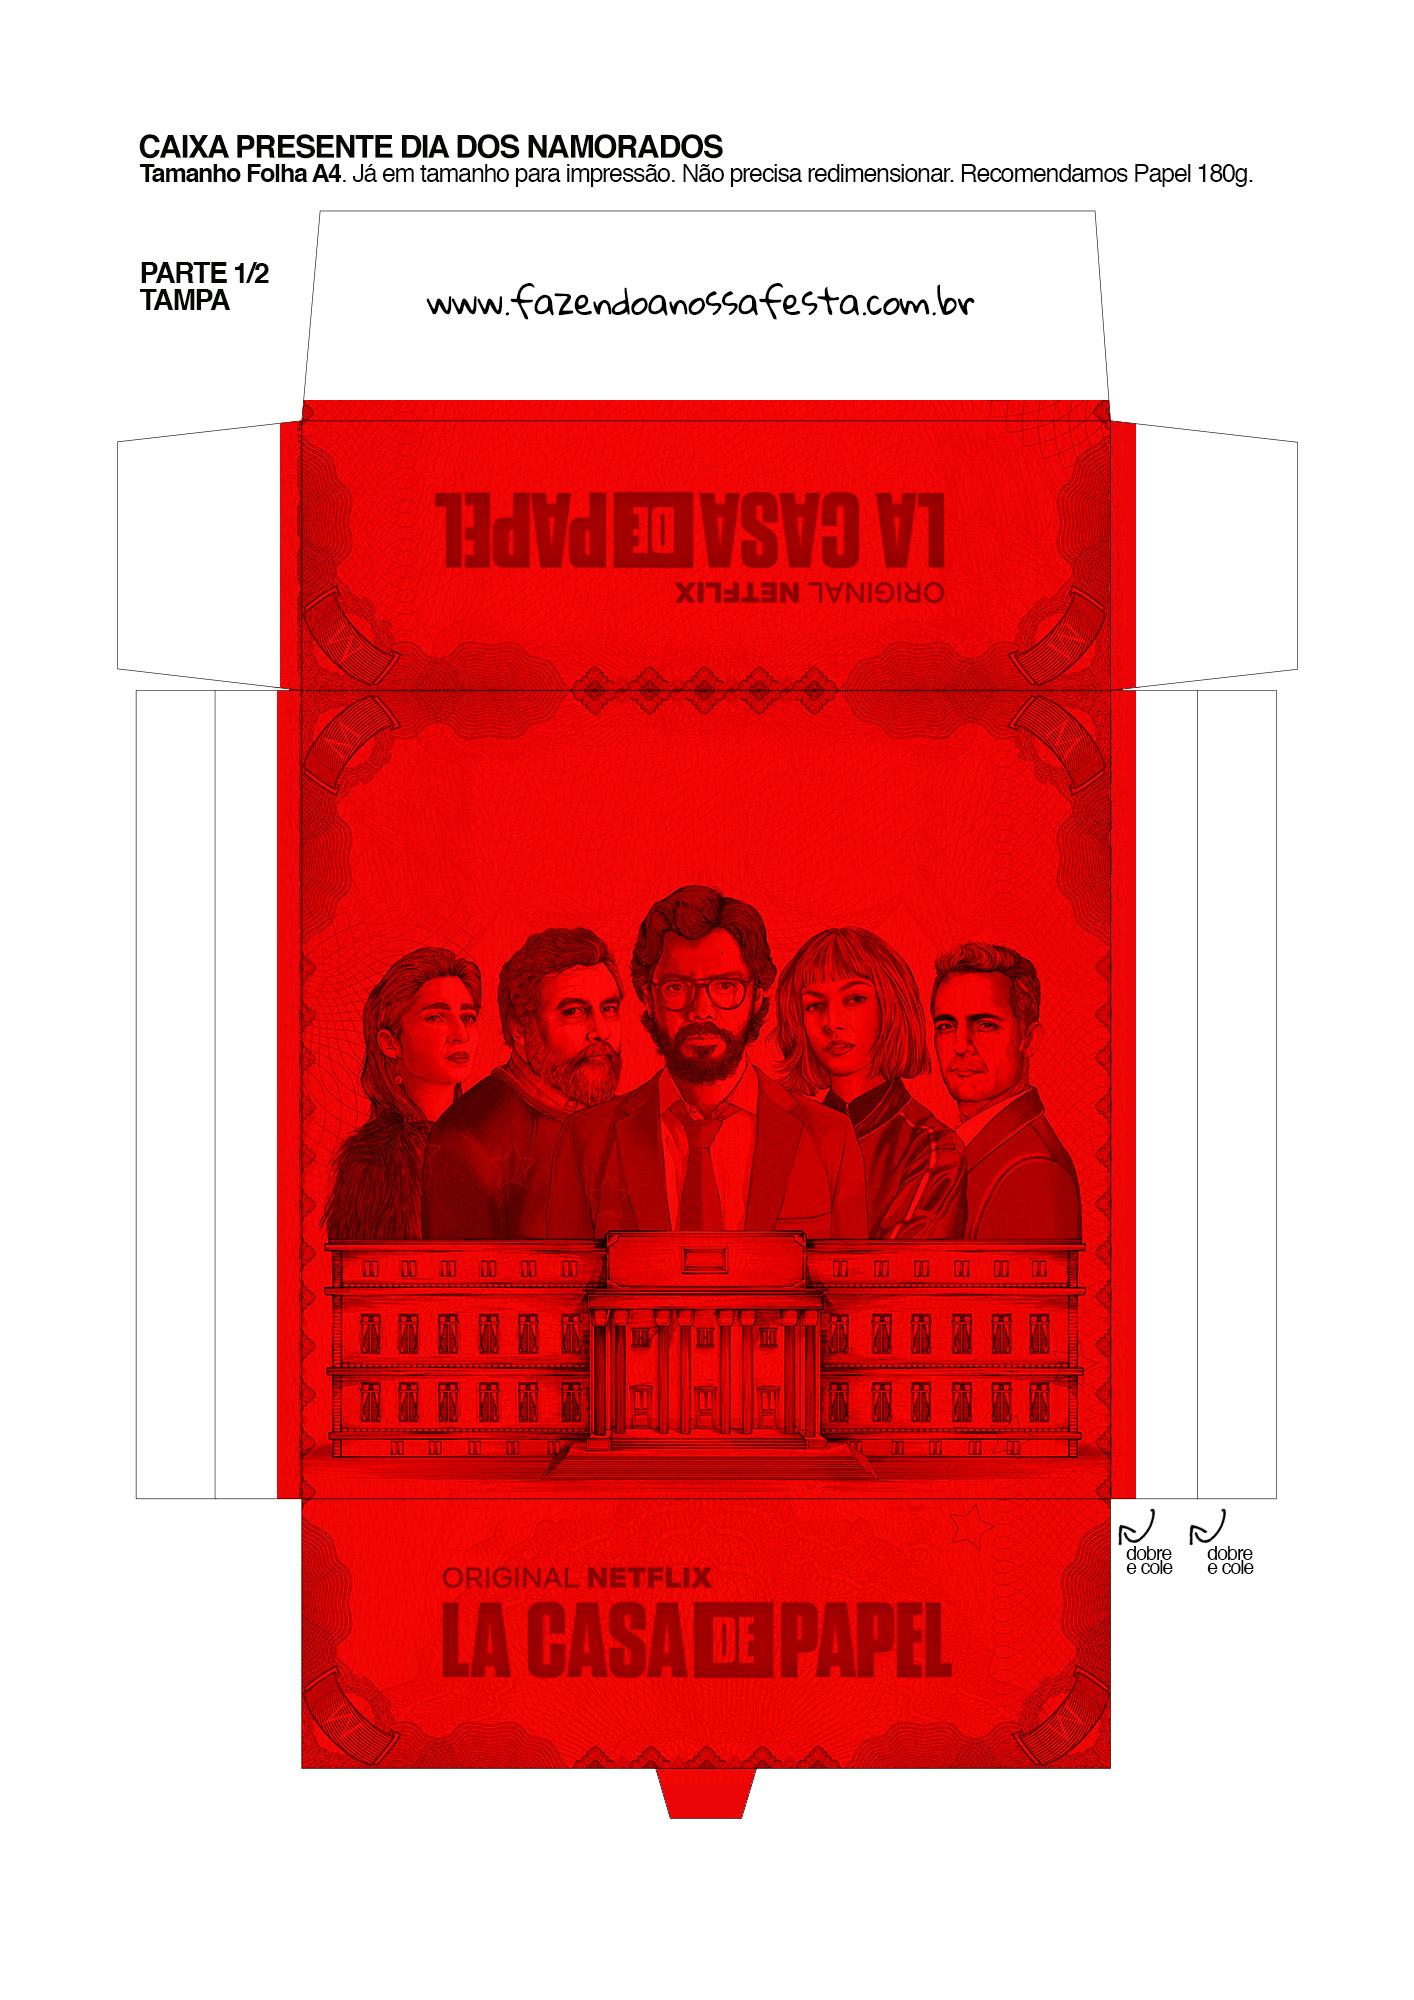 Caixa Festa La Casa de Papel la casa de papel 9_01